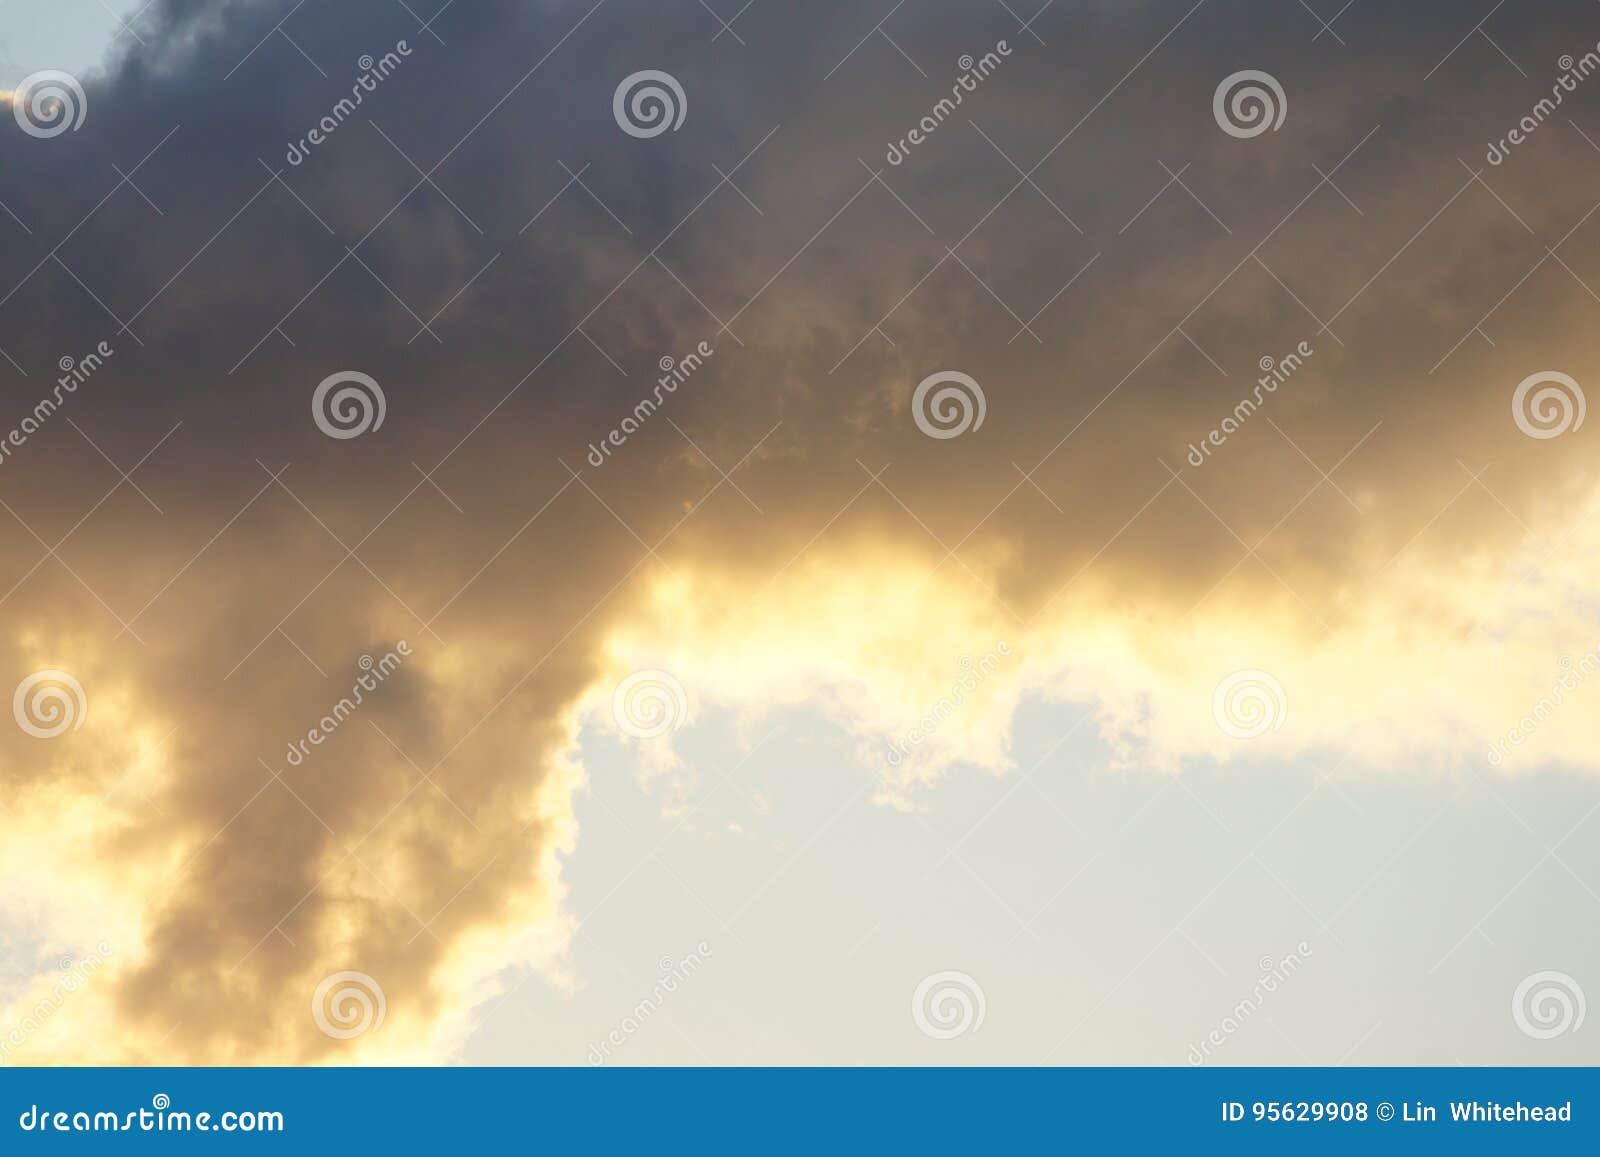 Światło słoneczne przechyla bazę ciemnienie burzy chmury